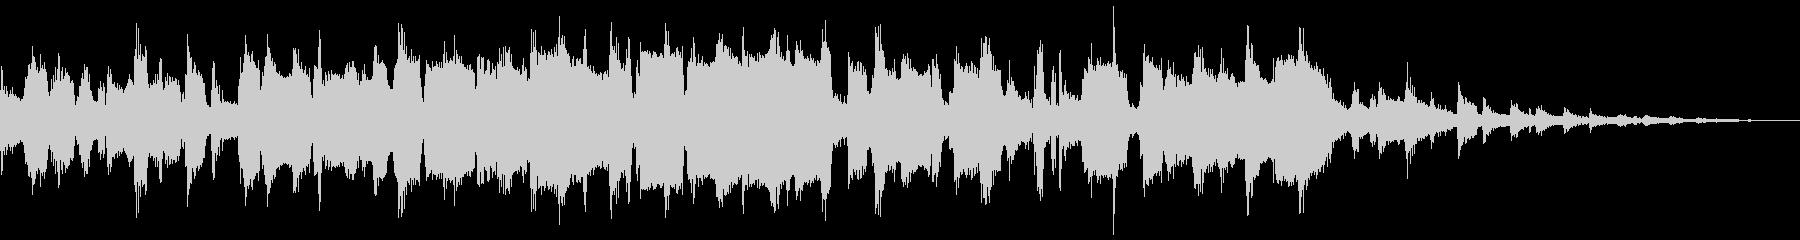 サックスによるジャズのブルースナンバーの未再生の波形